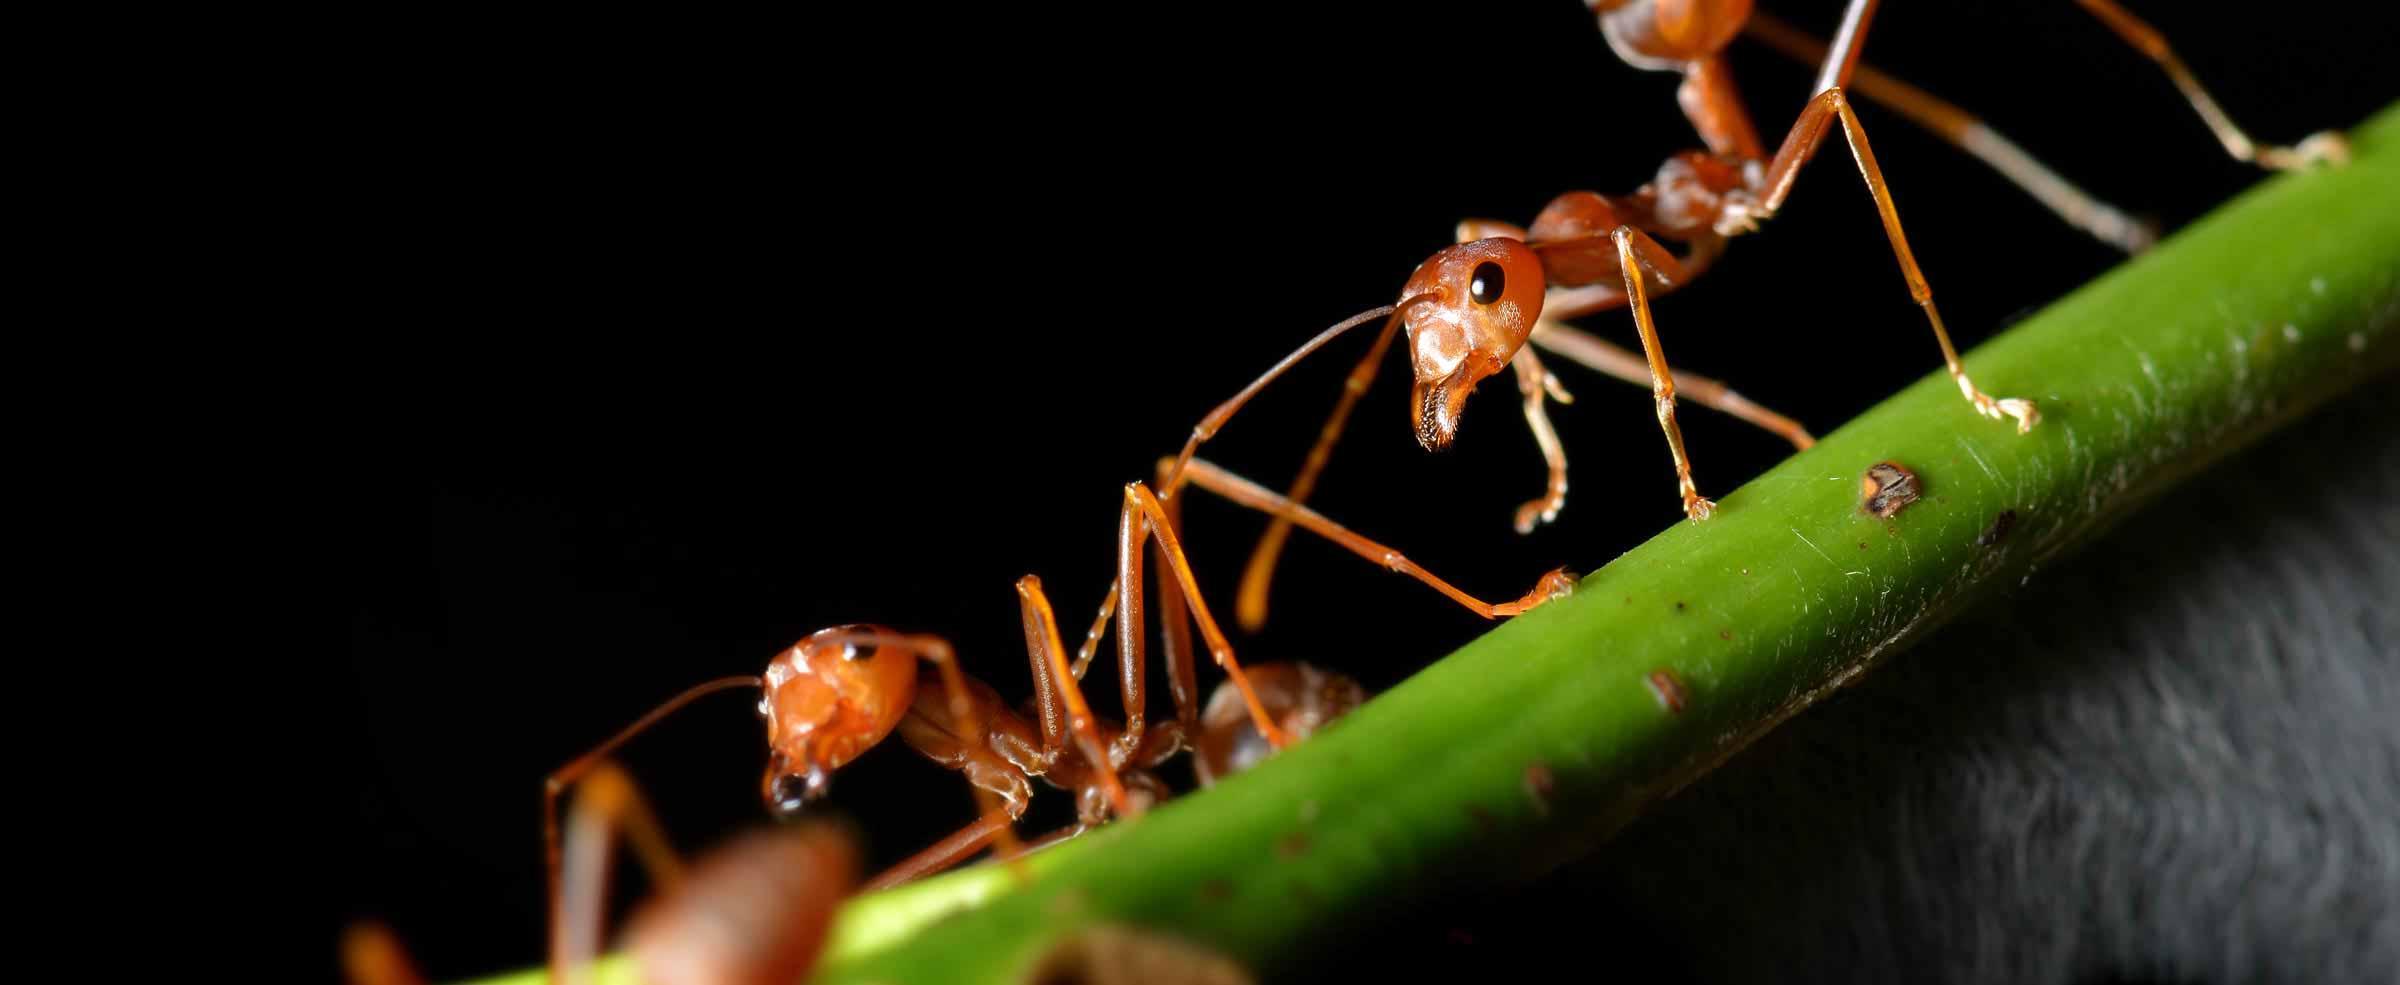 ant-pest-control-marbella-estepona